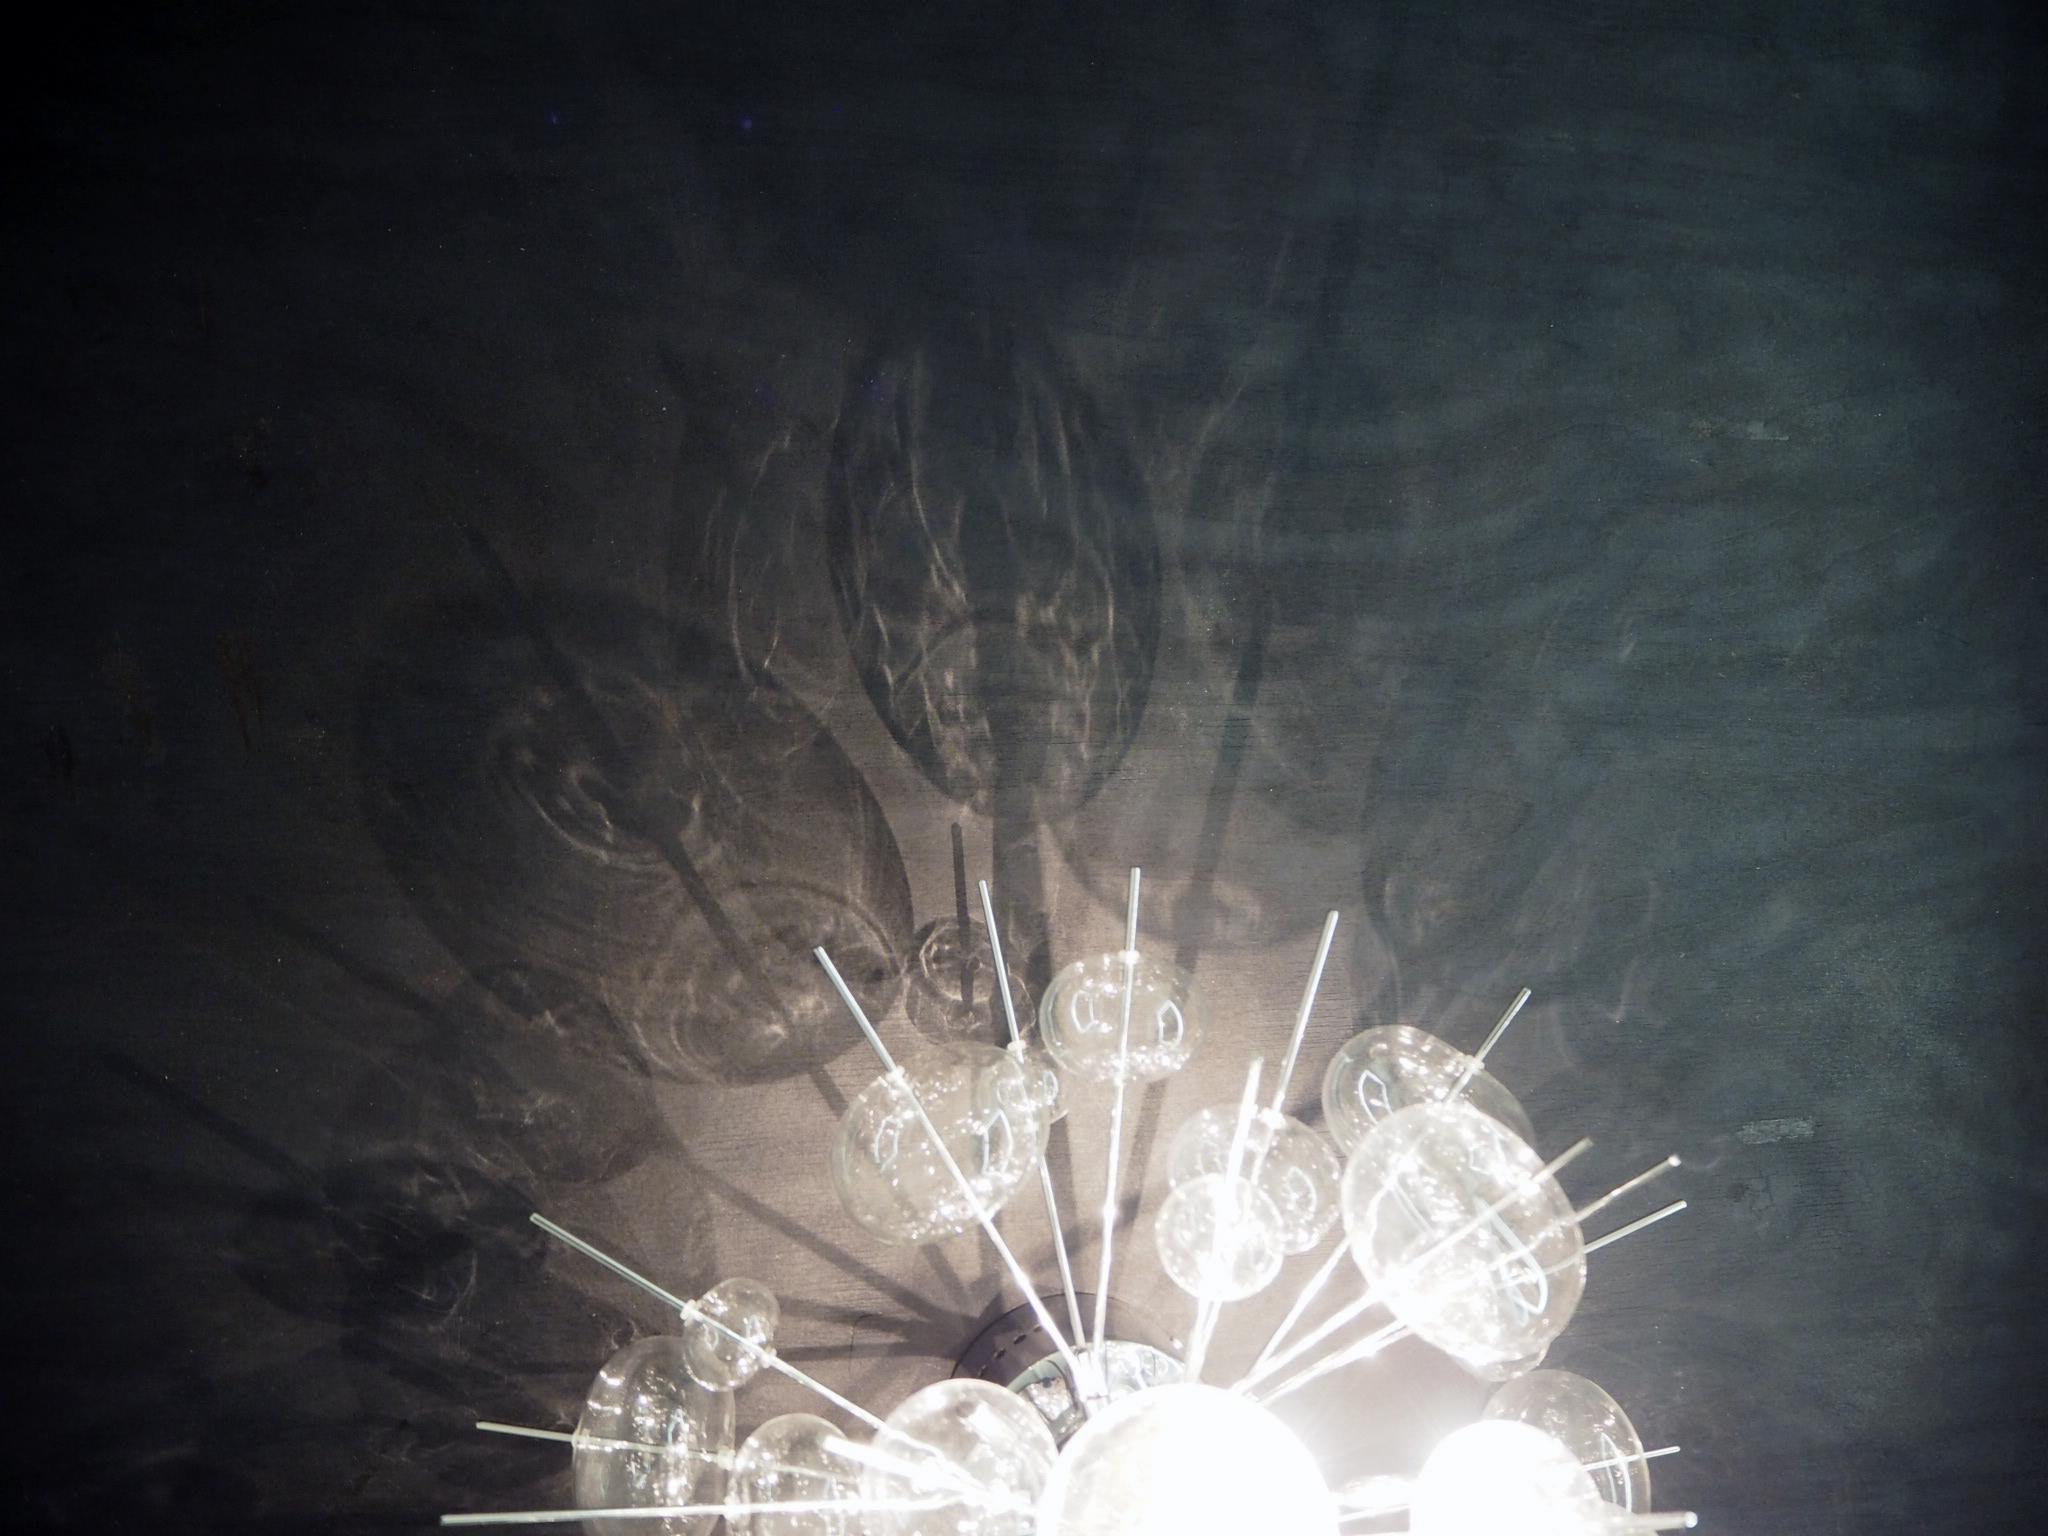 Poltettu vaneri ja valaisimen heijastukset